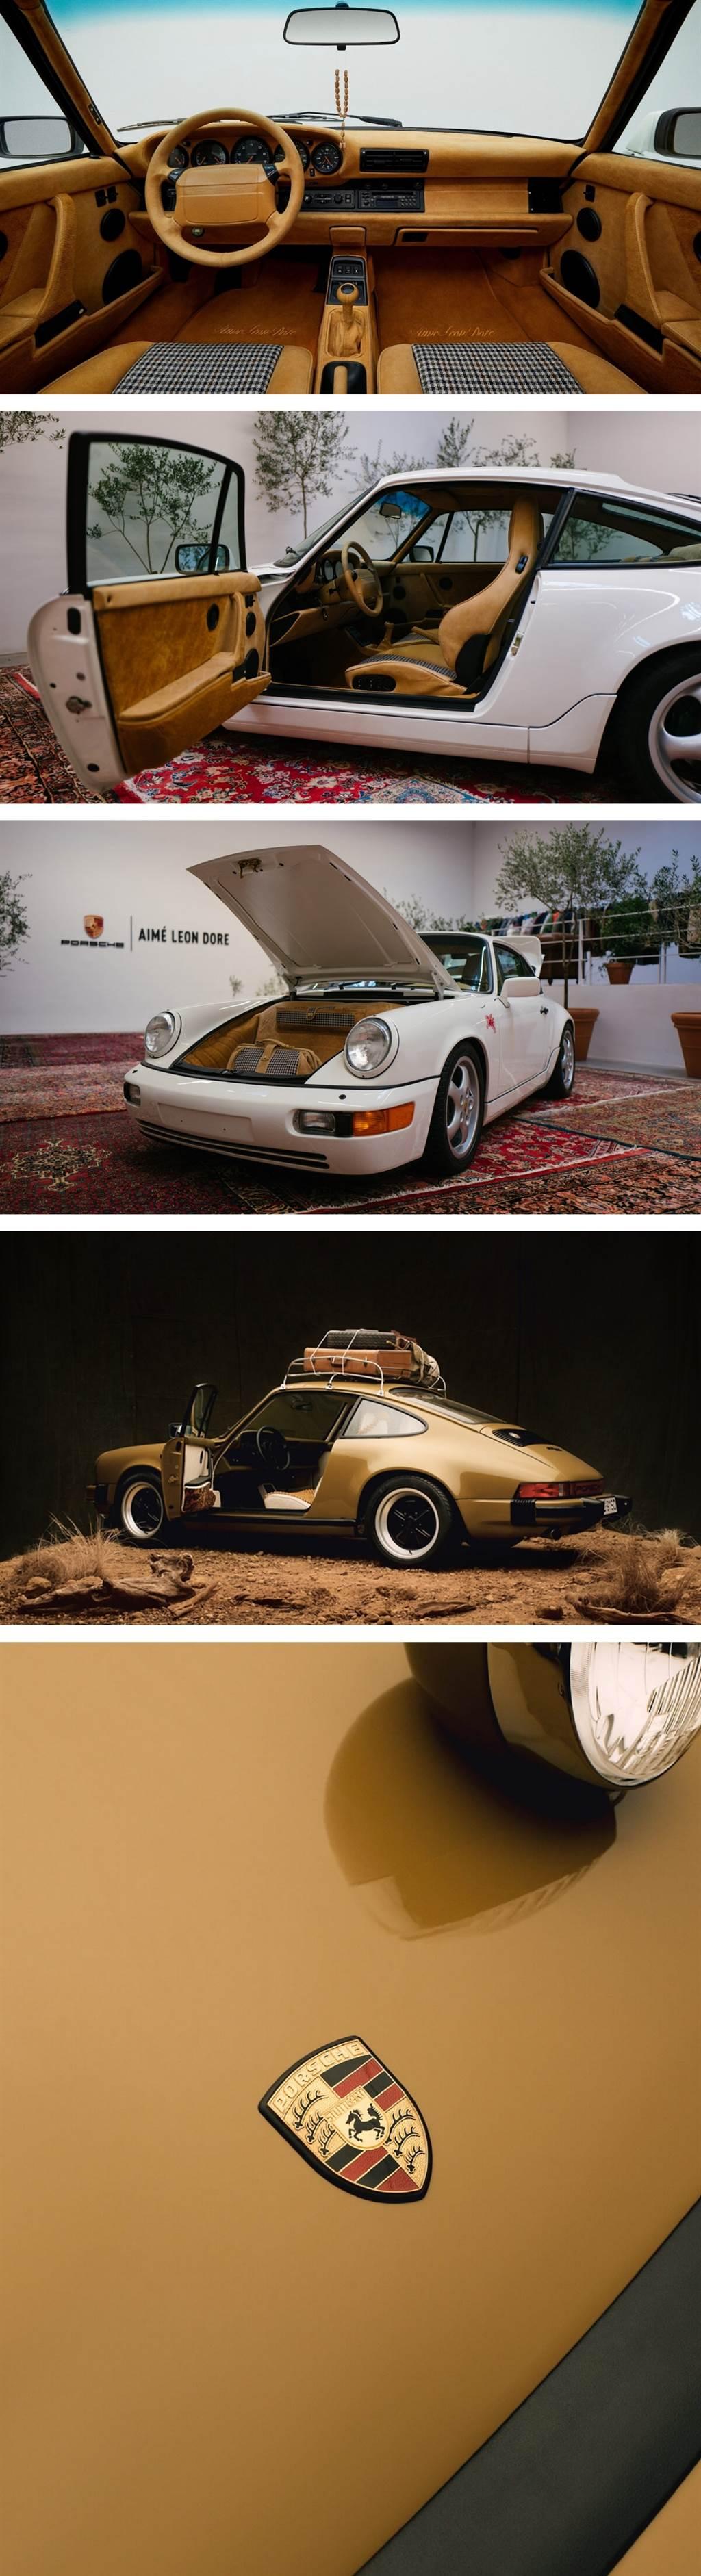 Porsche與潮流品牌Aimé Leon Dore聯手修復改造911 SC